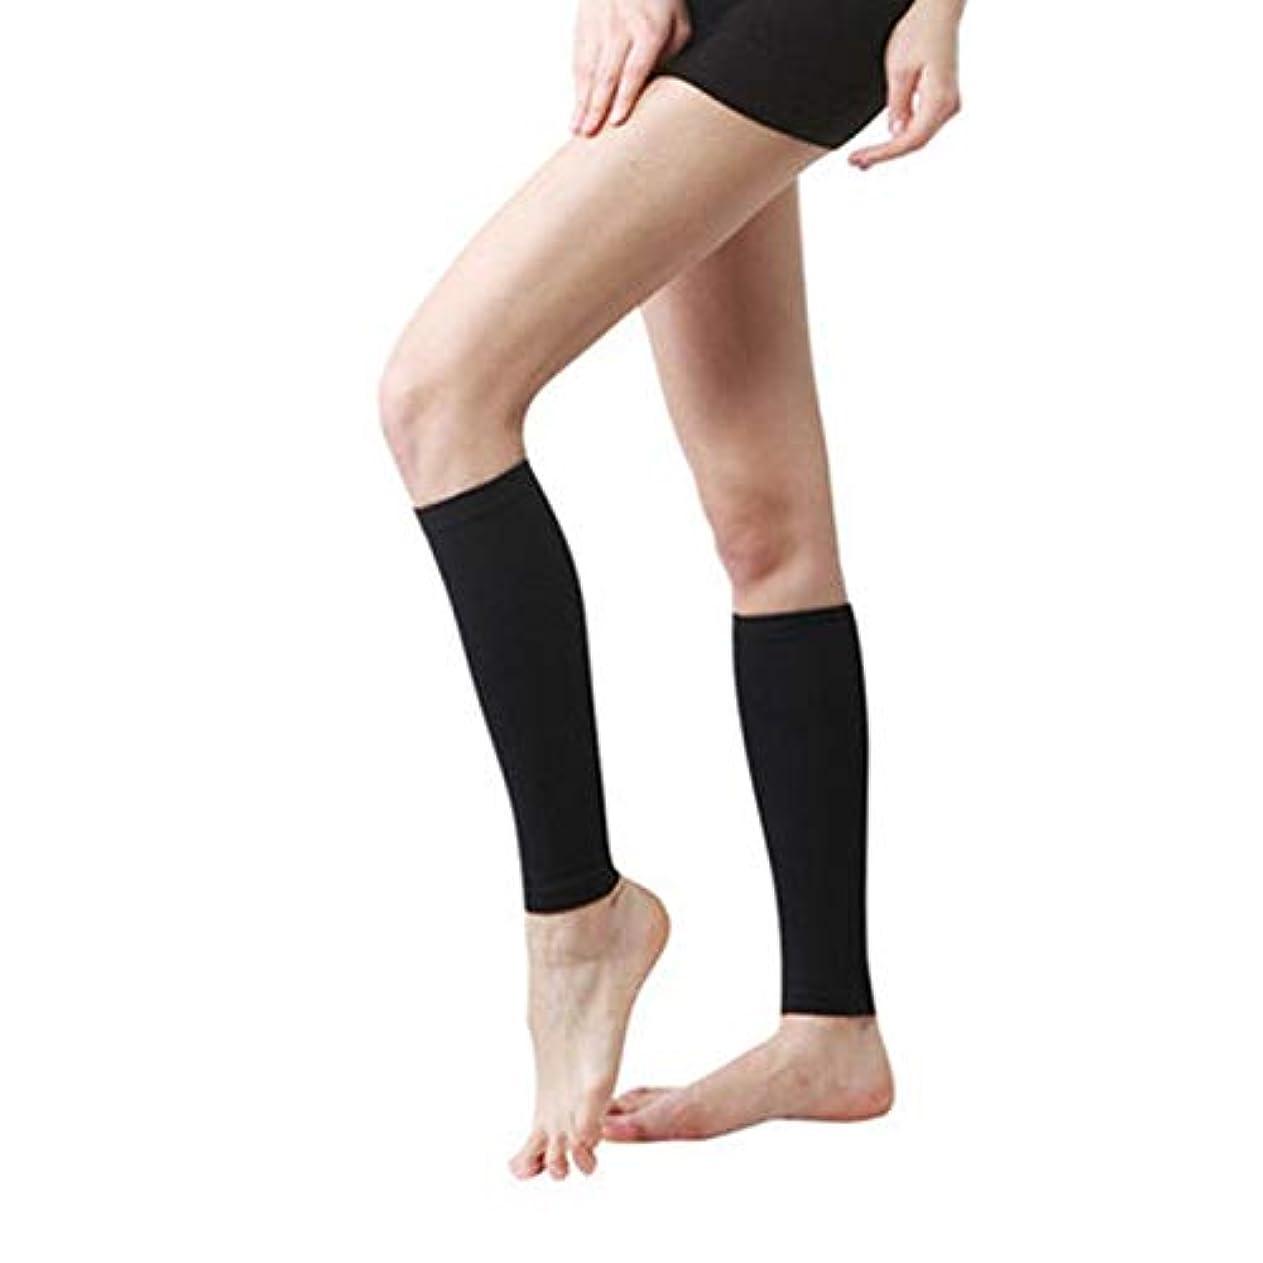 傾向筋肉のシリアル丈夫な男性女性プロの圧縮靴下通気性のある旅行活動看護師用シンススプリントフライトトラベル - ブラック